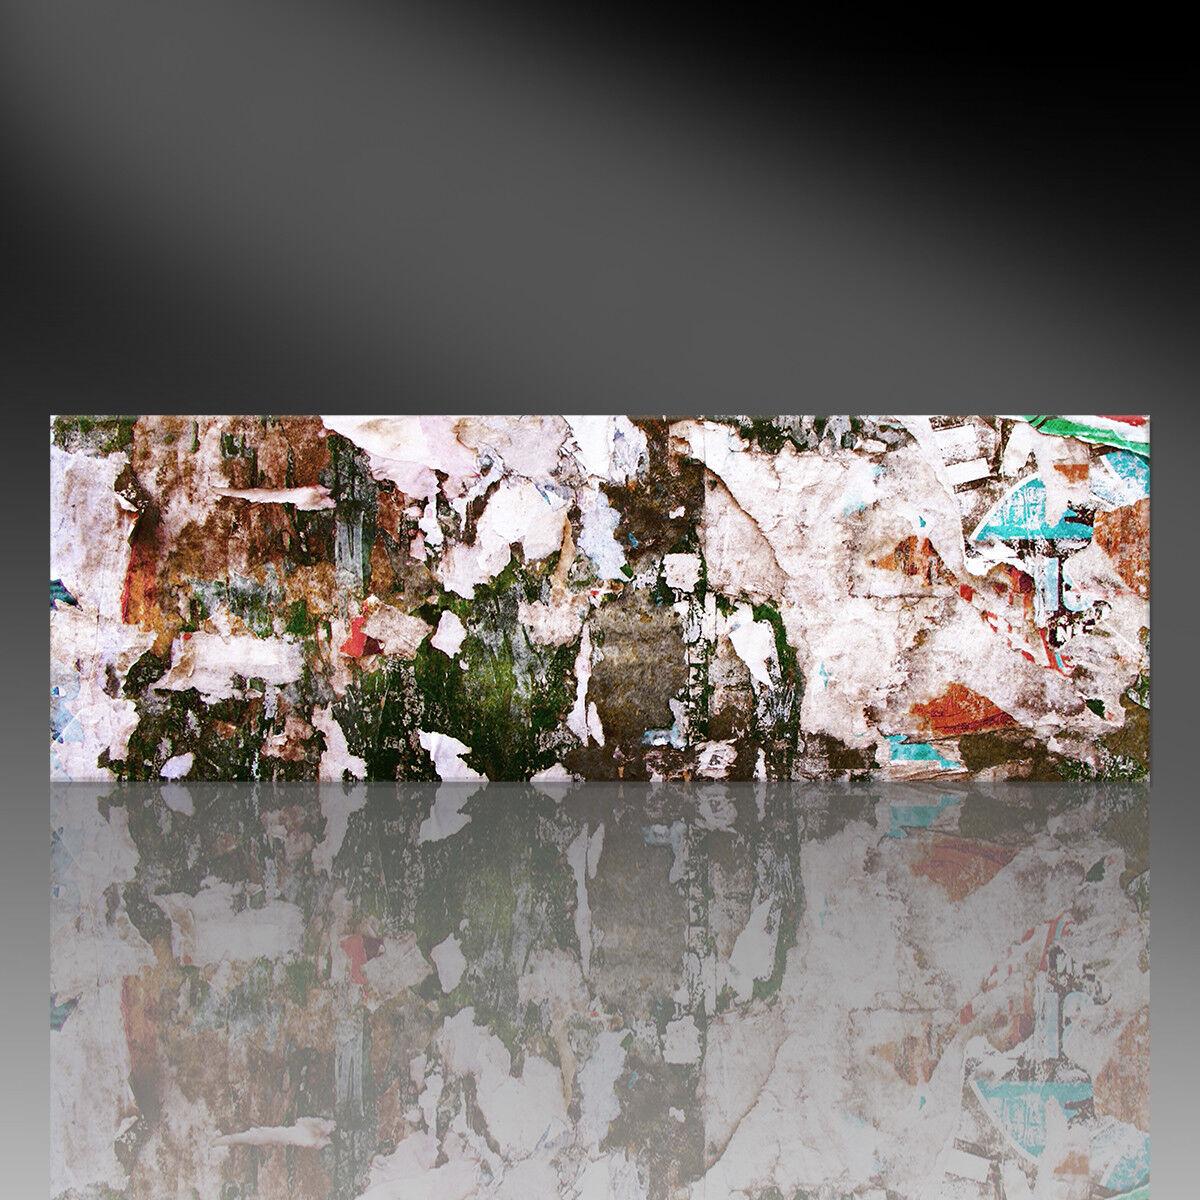 Kunstdruck auf Leinwand - Abstract HANARI - Abstrakt (div. Größen) Street Art